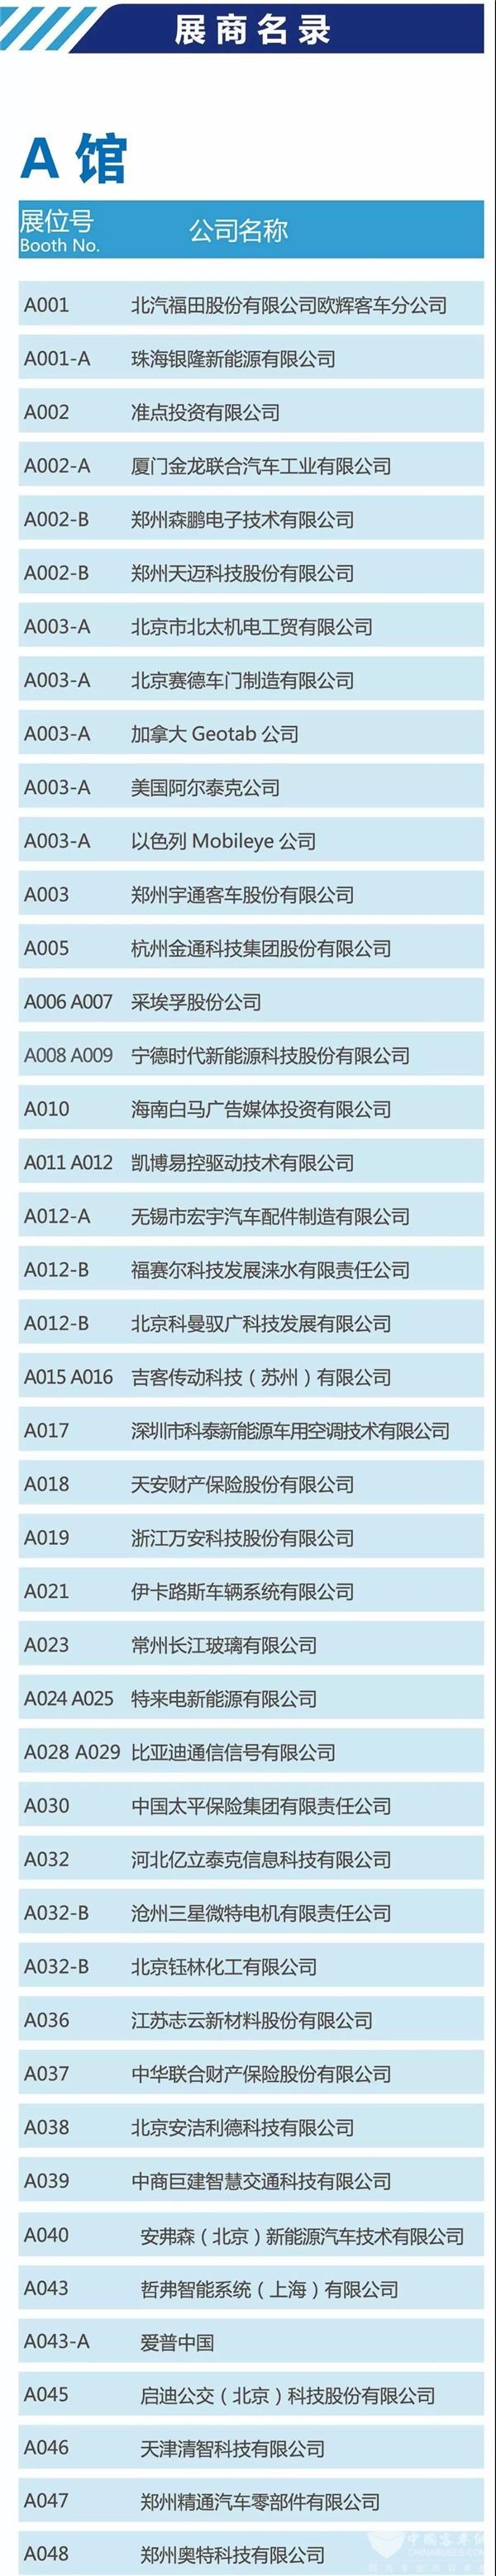 201910参展厂商完整目录中国-北京国际公共交通装备与技术展览会须知-02